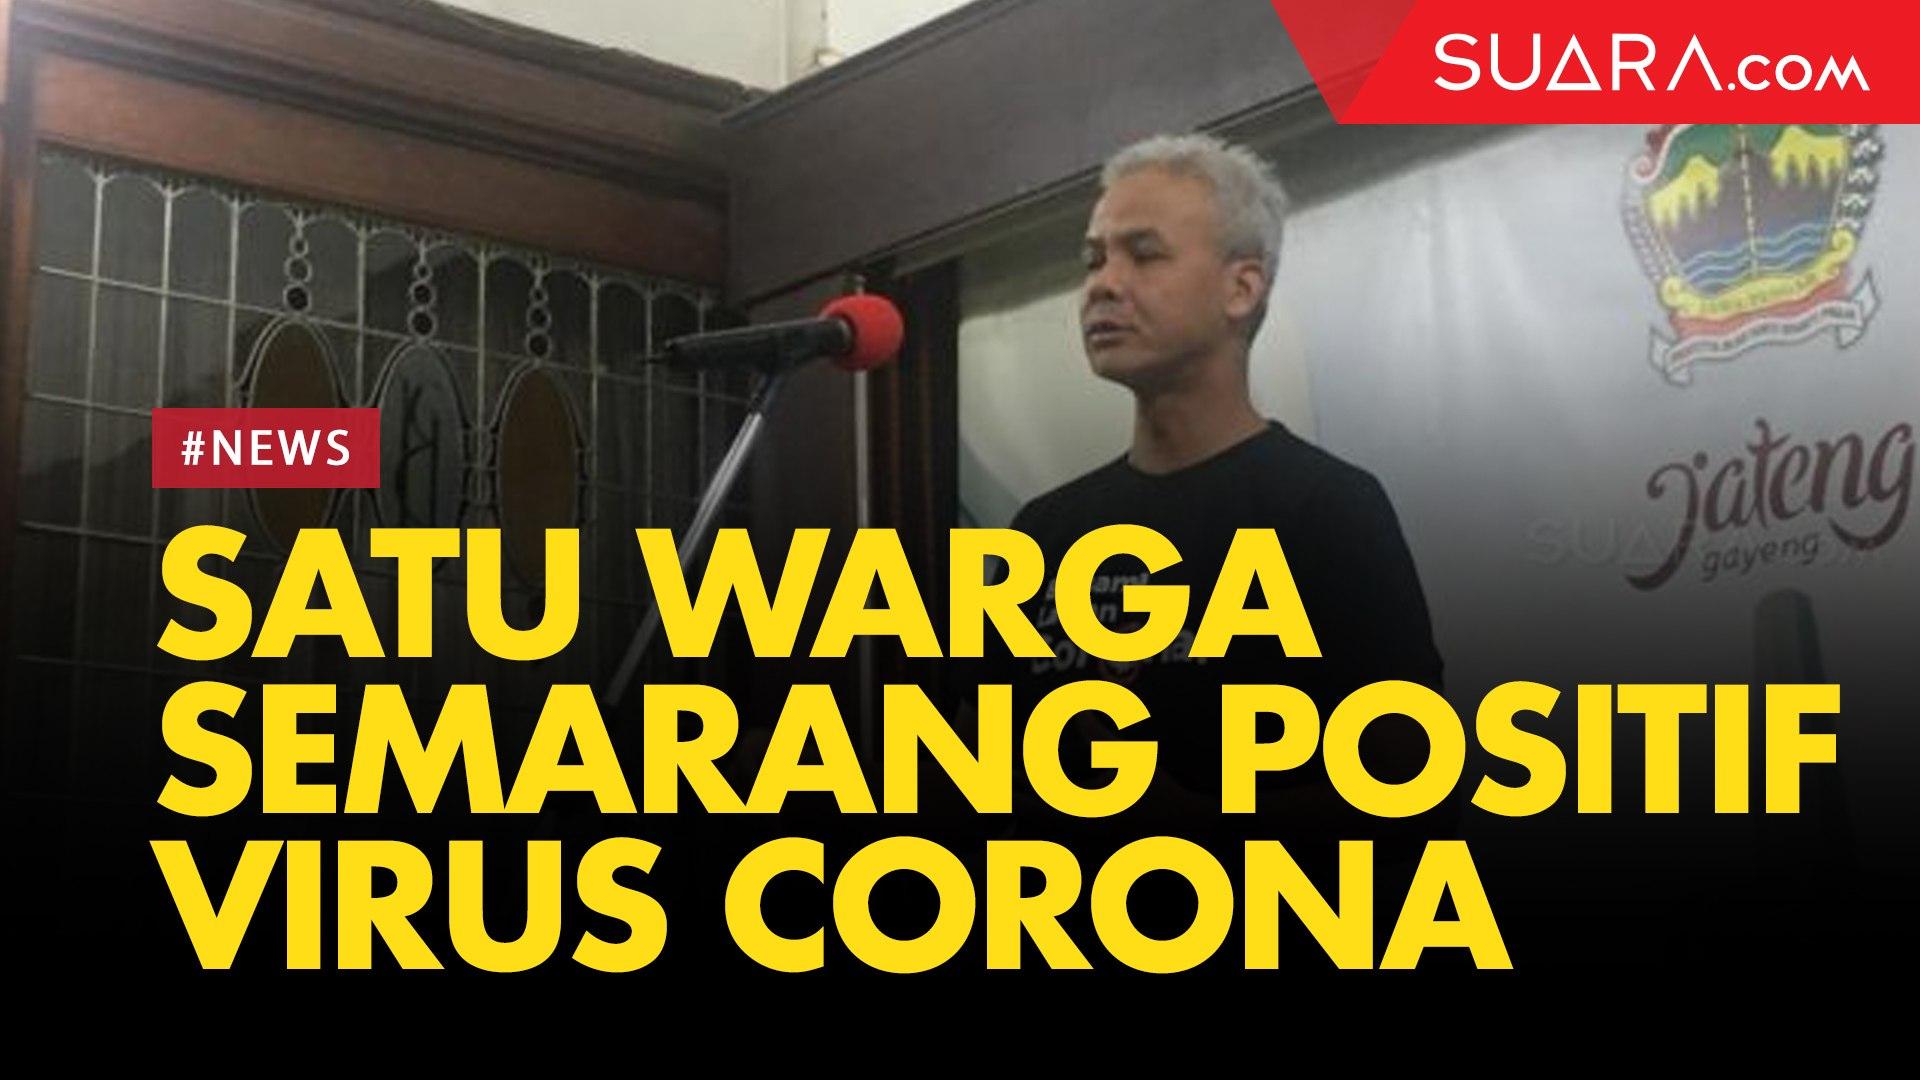 Bertambah, Satu Warga Semarang Positif Virus Corona